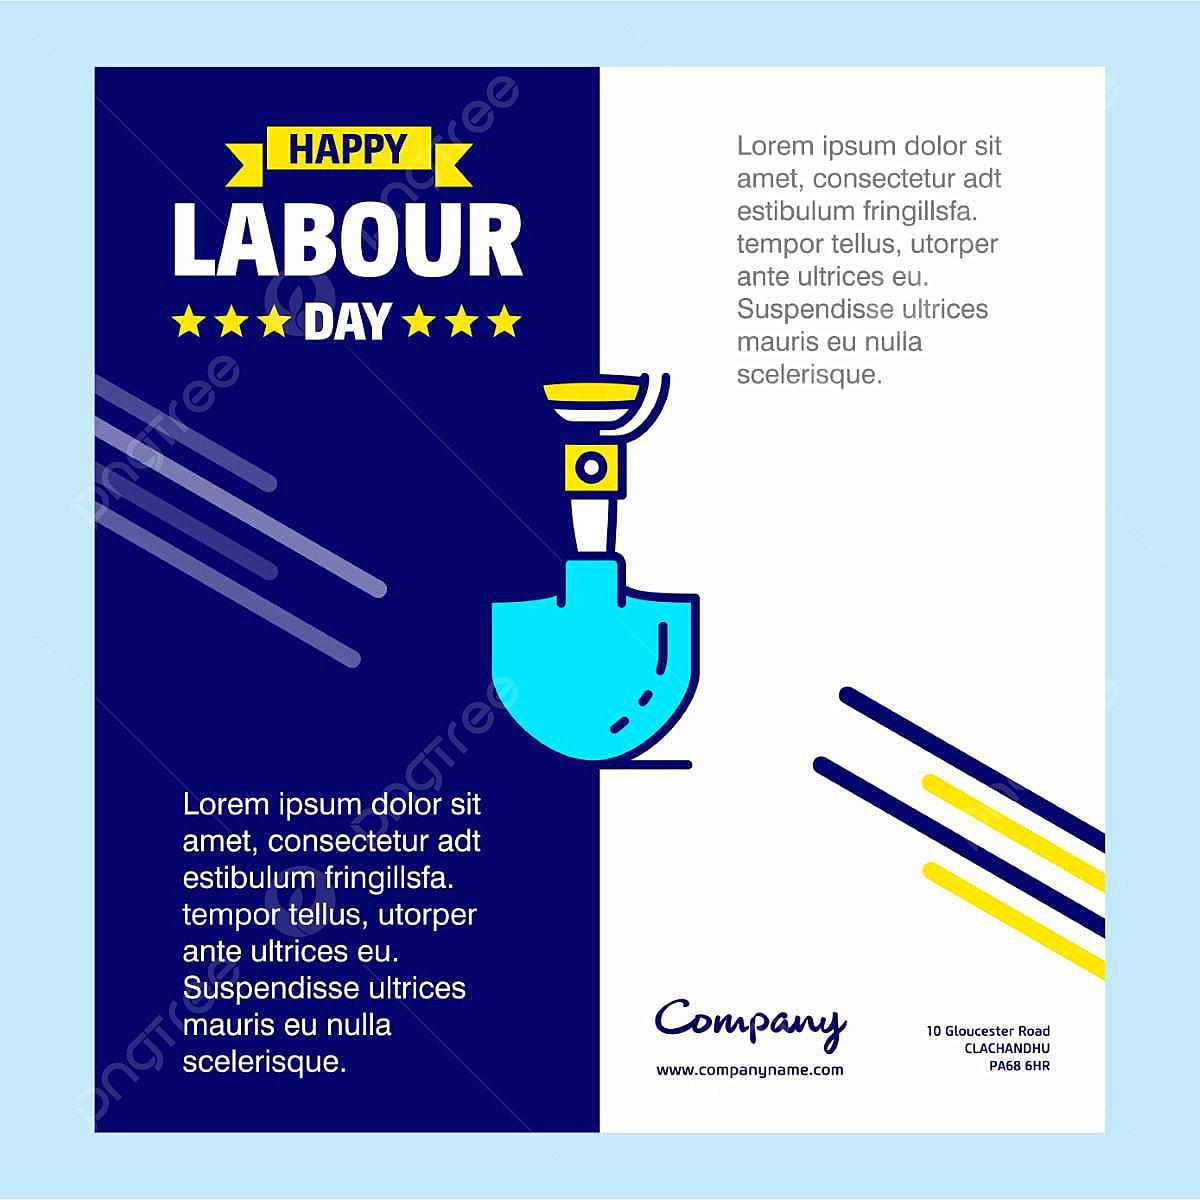 Feliz Dia Do Trabalho Com Desenho Azul E Amarelo Tema Vector Logo